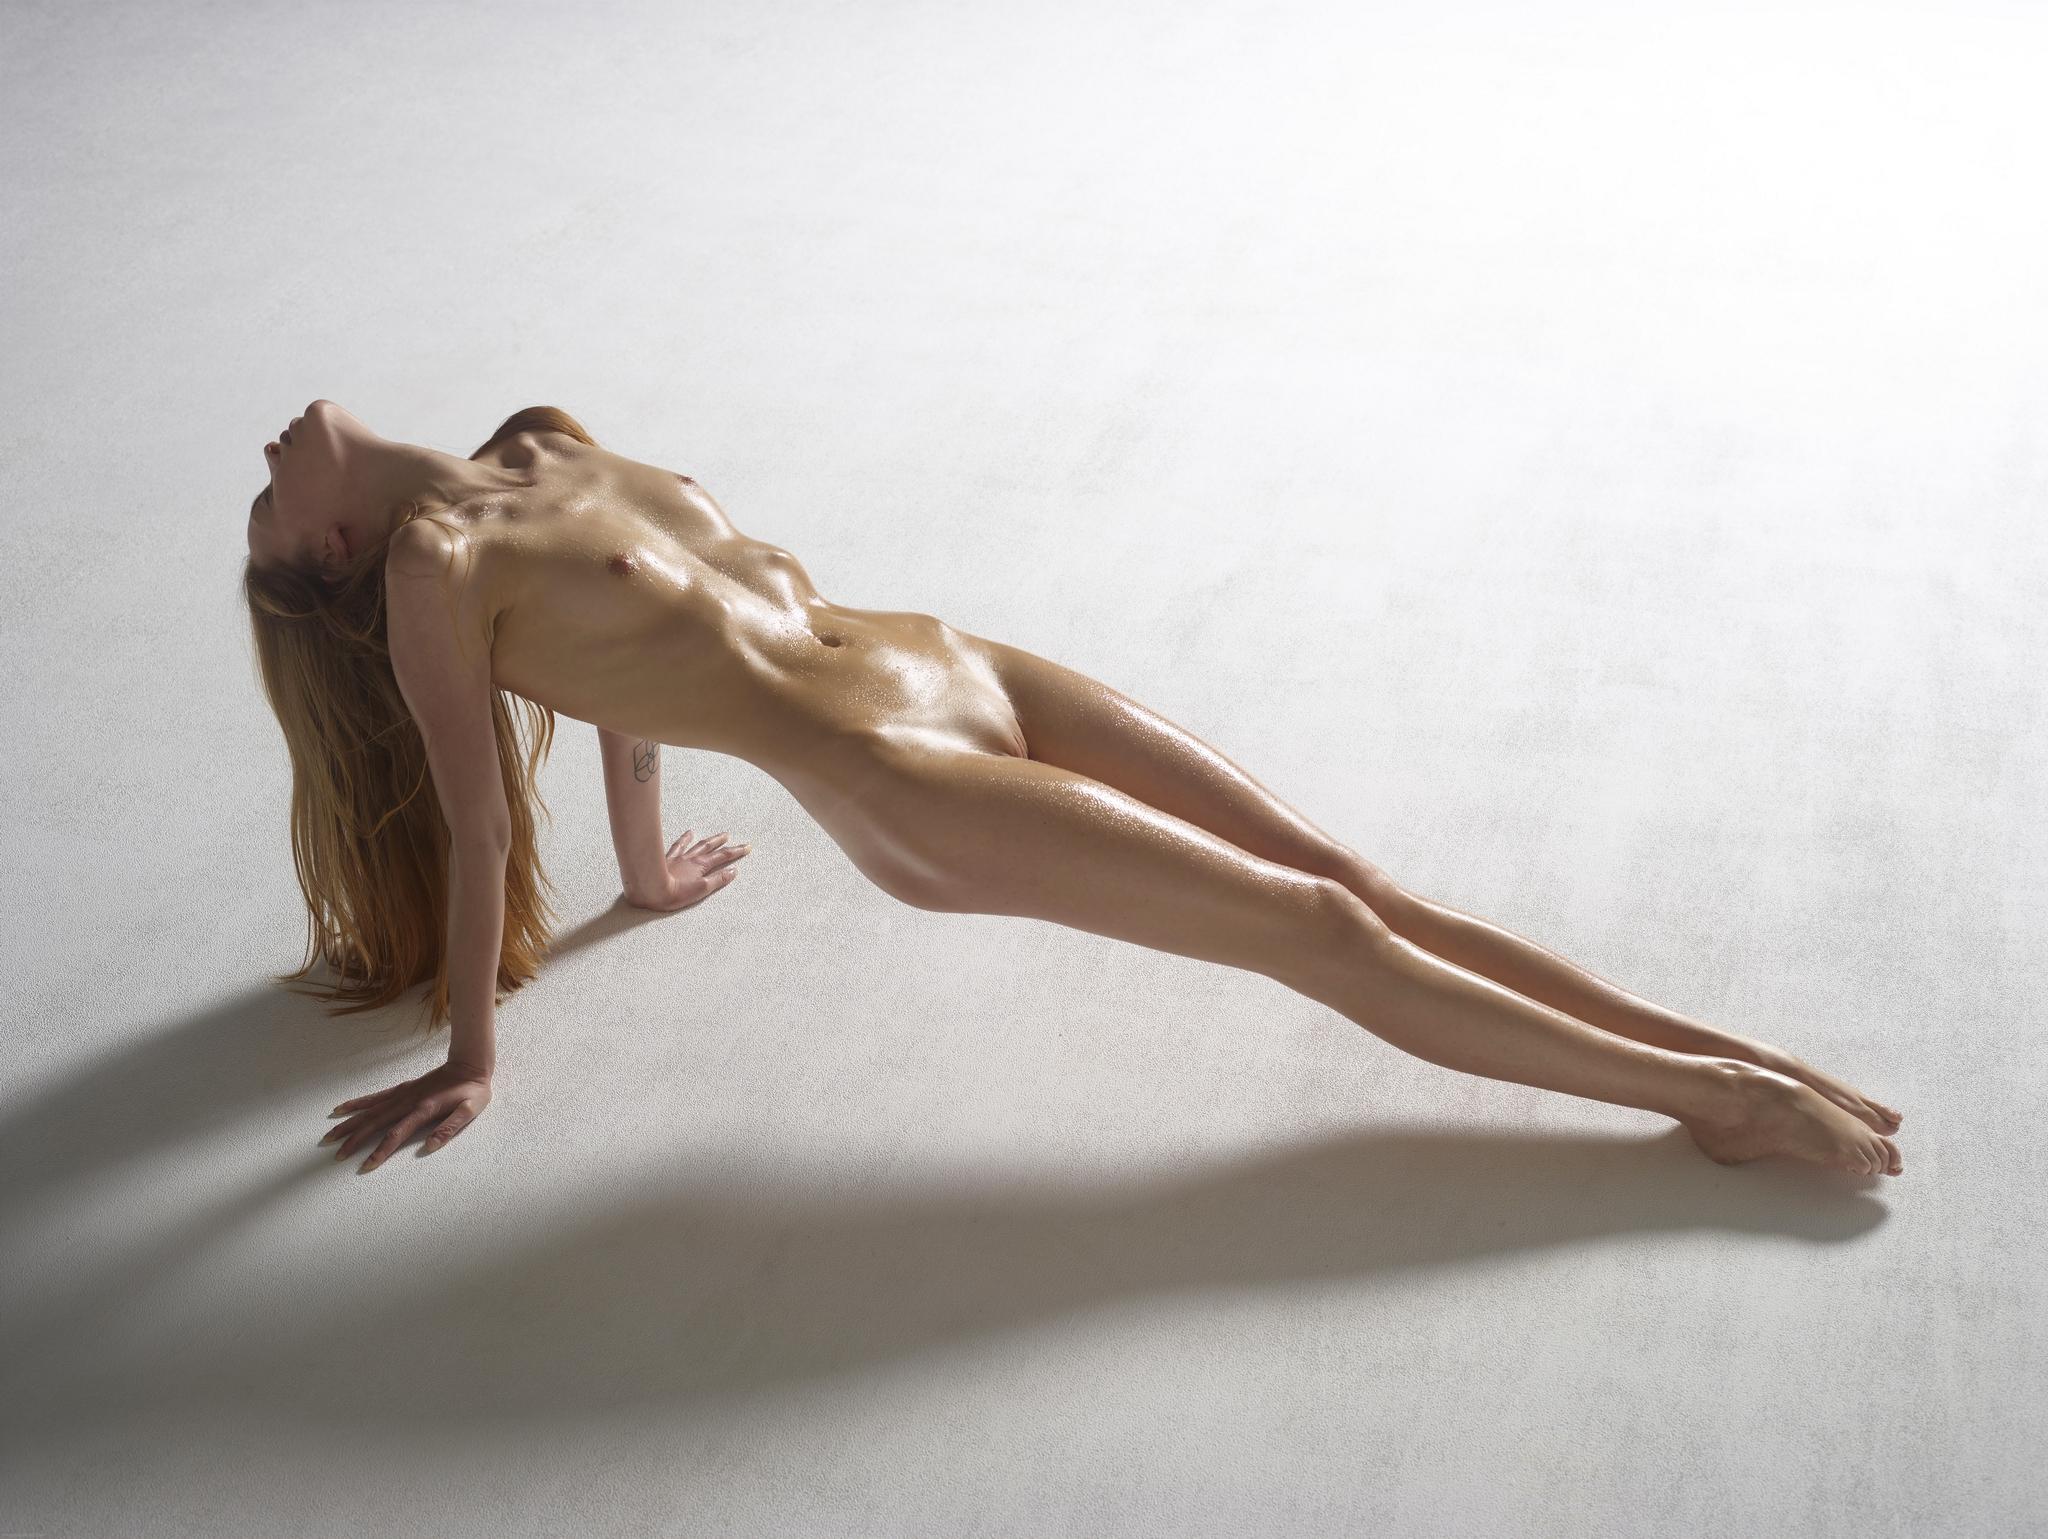 nude-skinny-girls-slim-body-mix-24